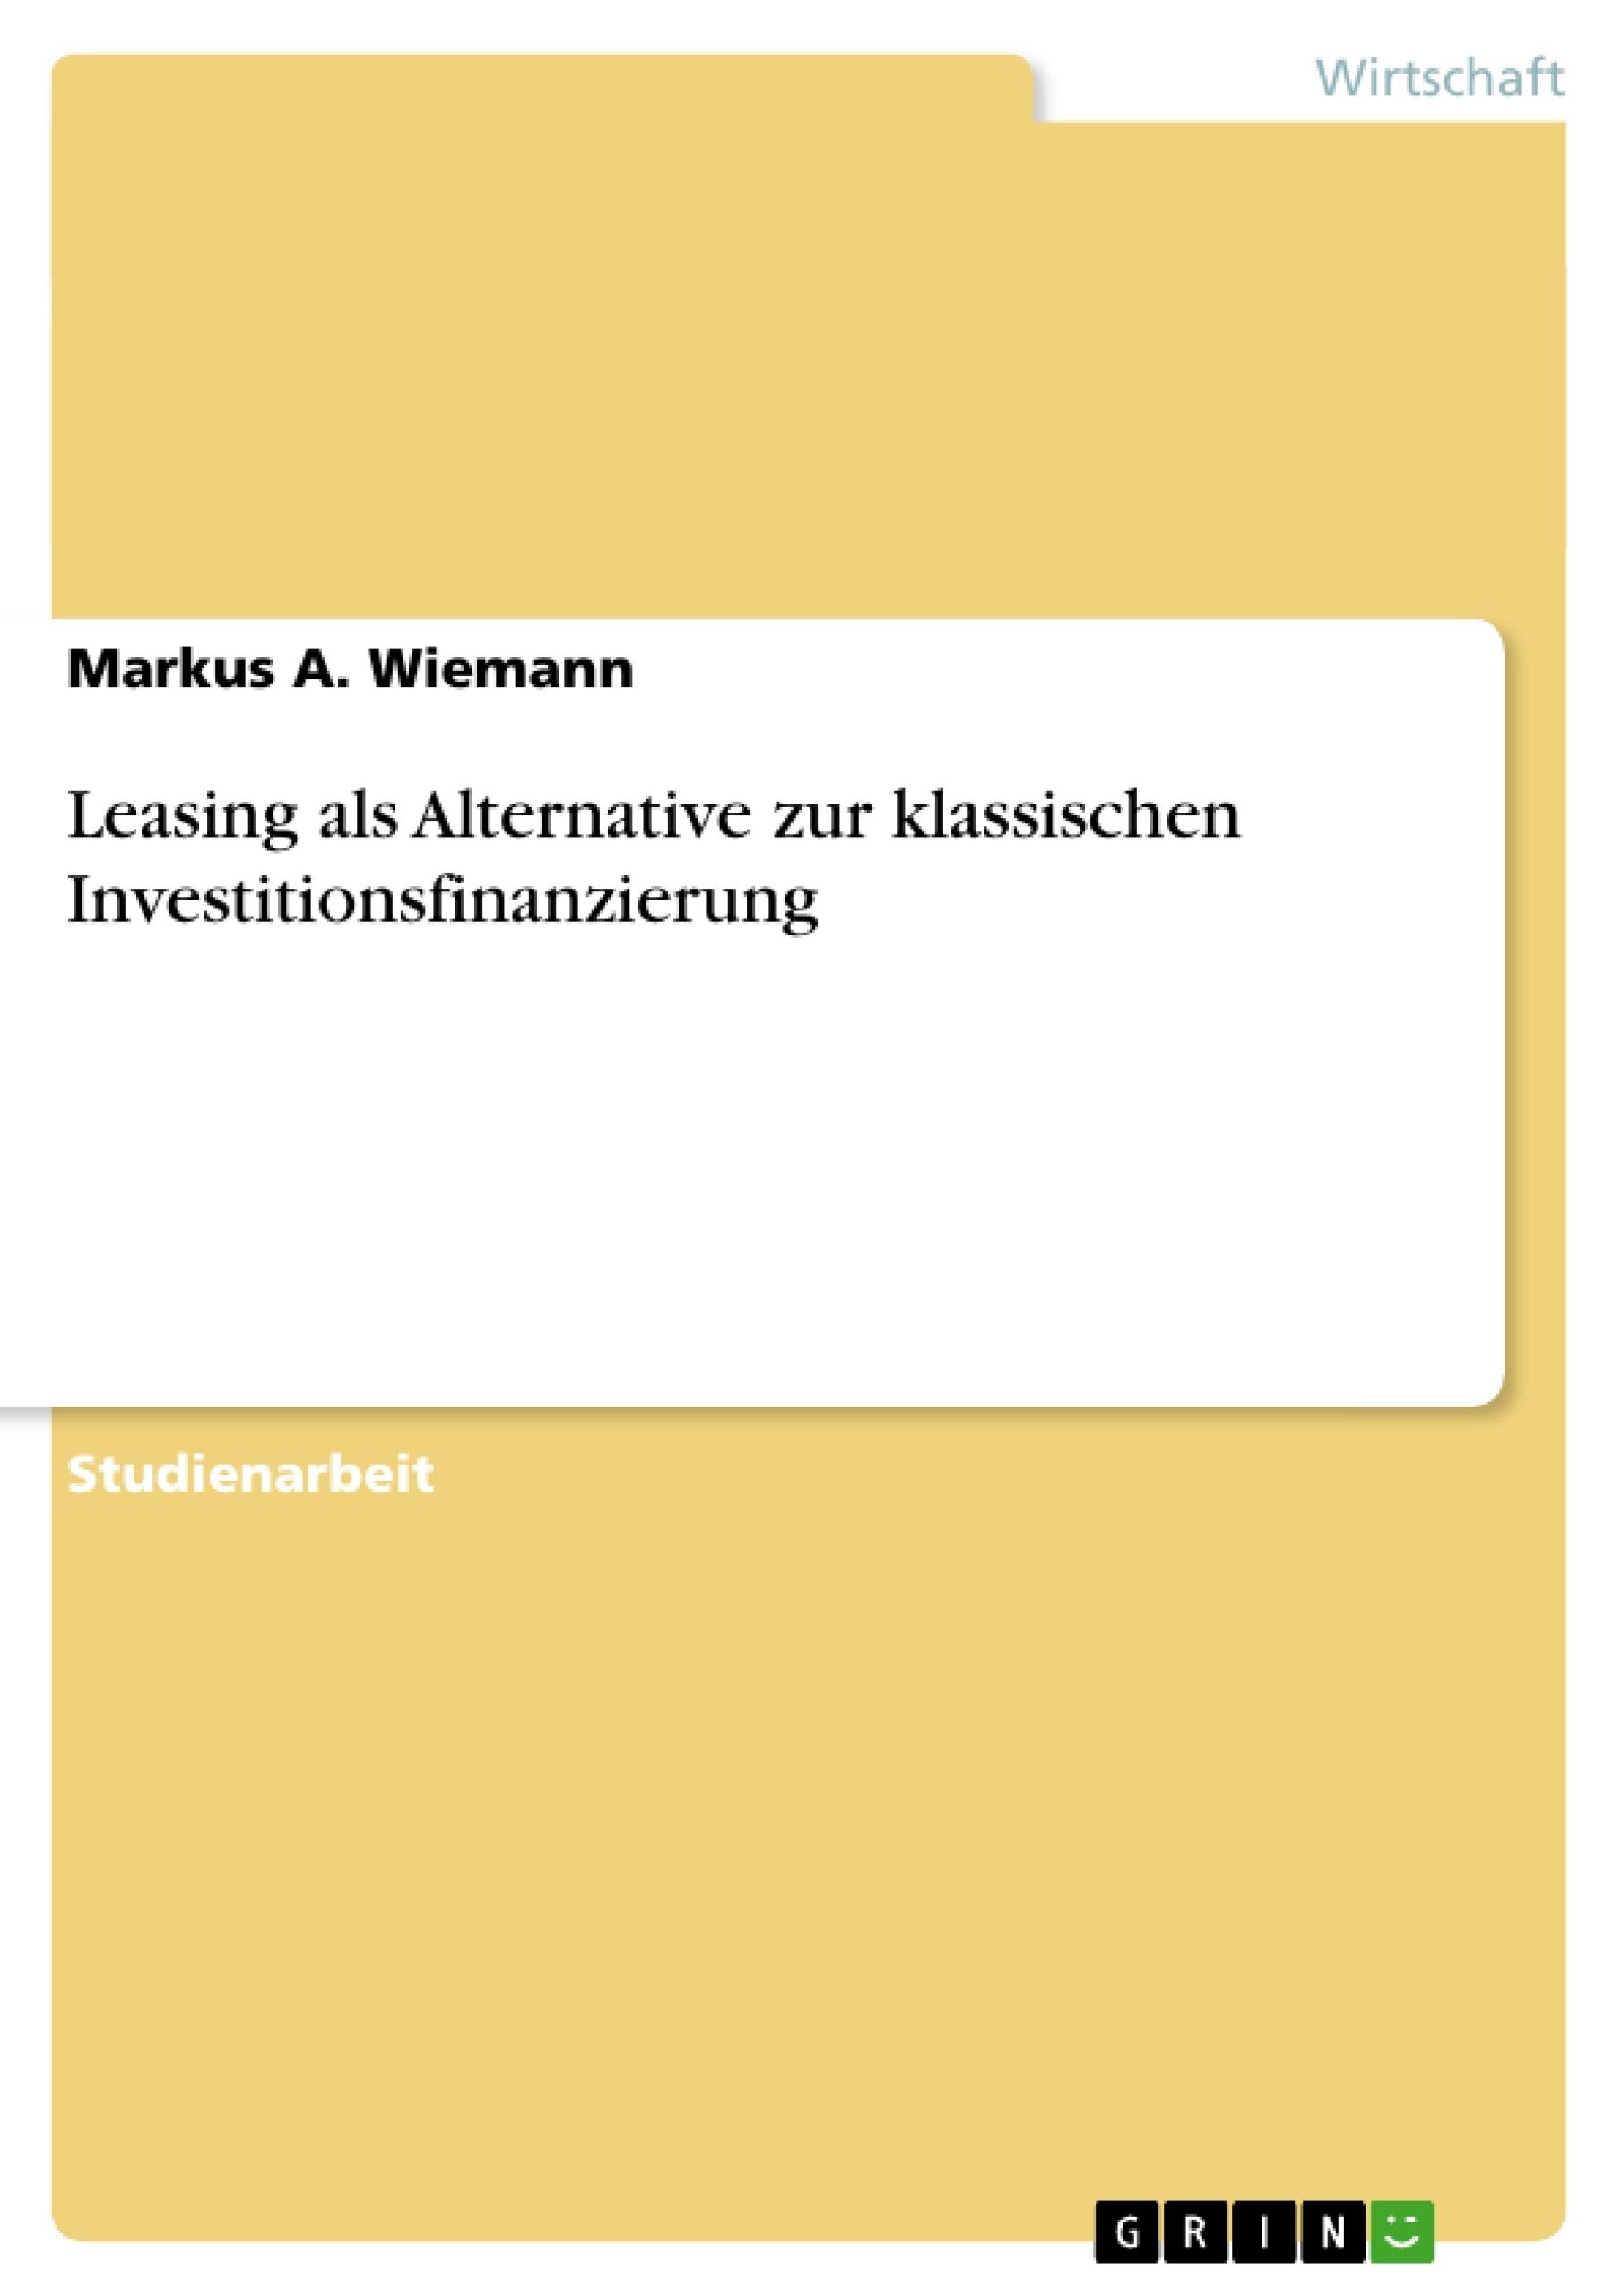 Titel: Leasing als Alternative zur klassischen Investitionsfinanzierung